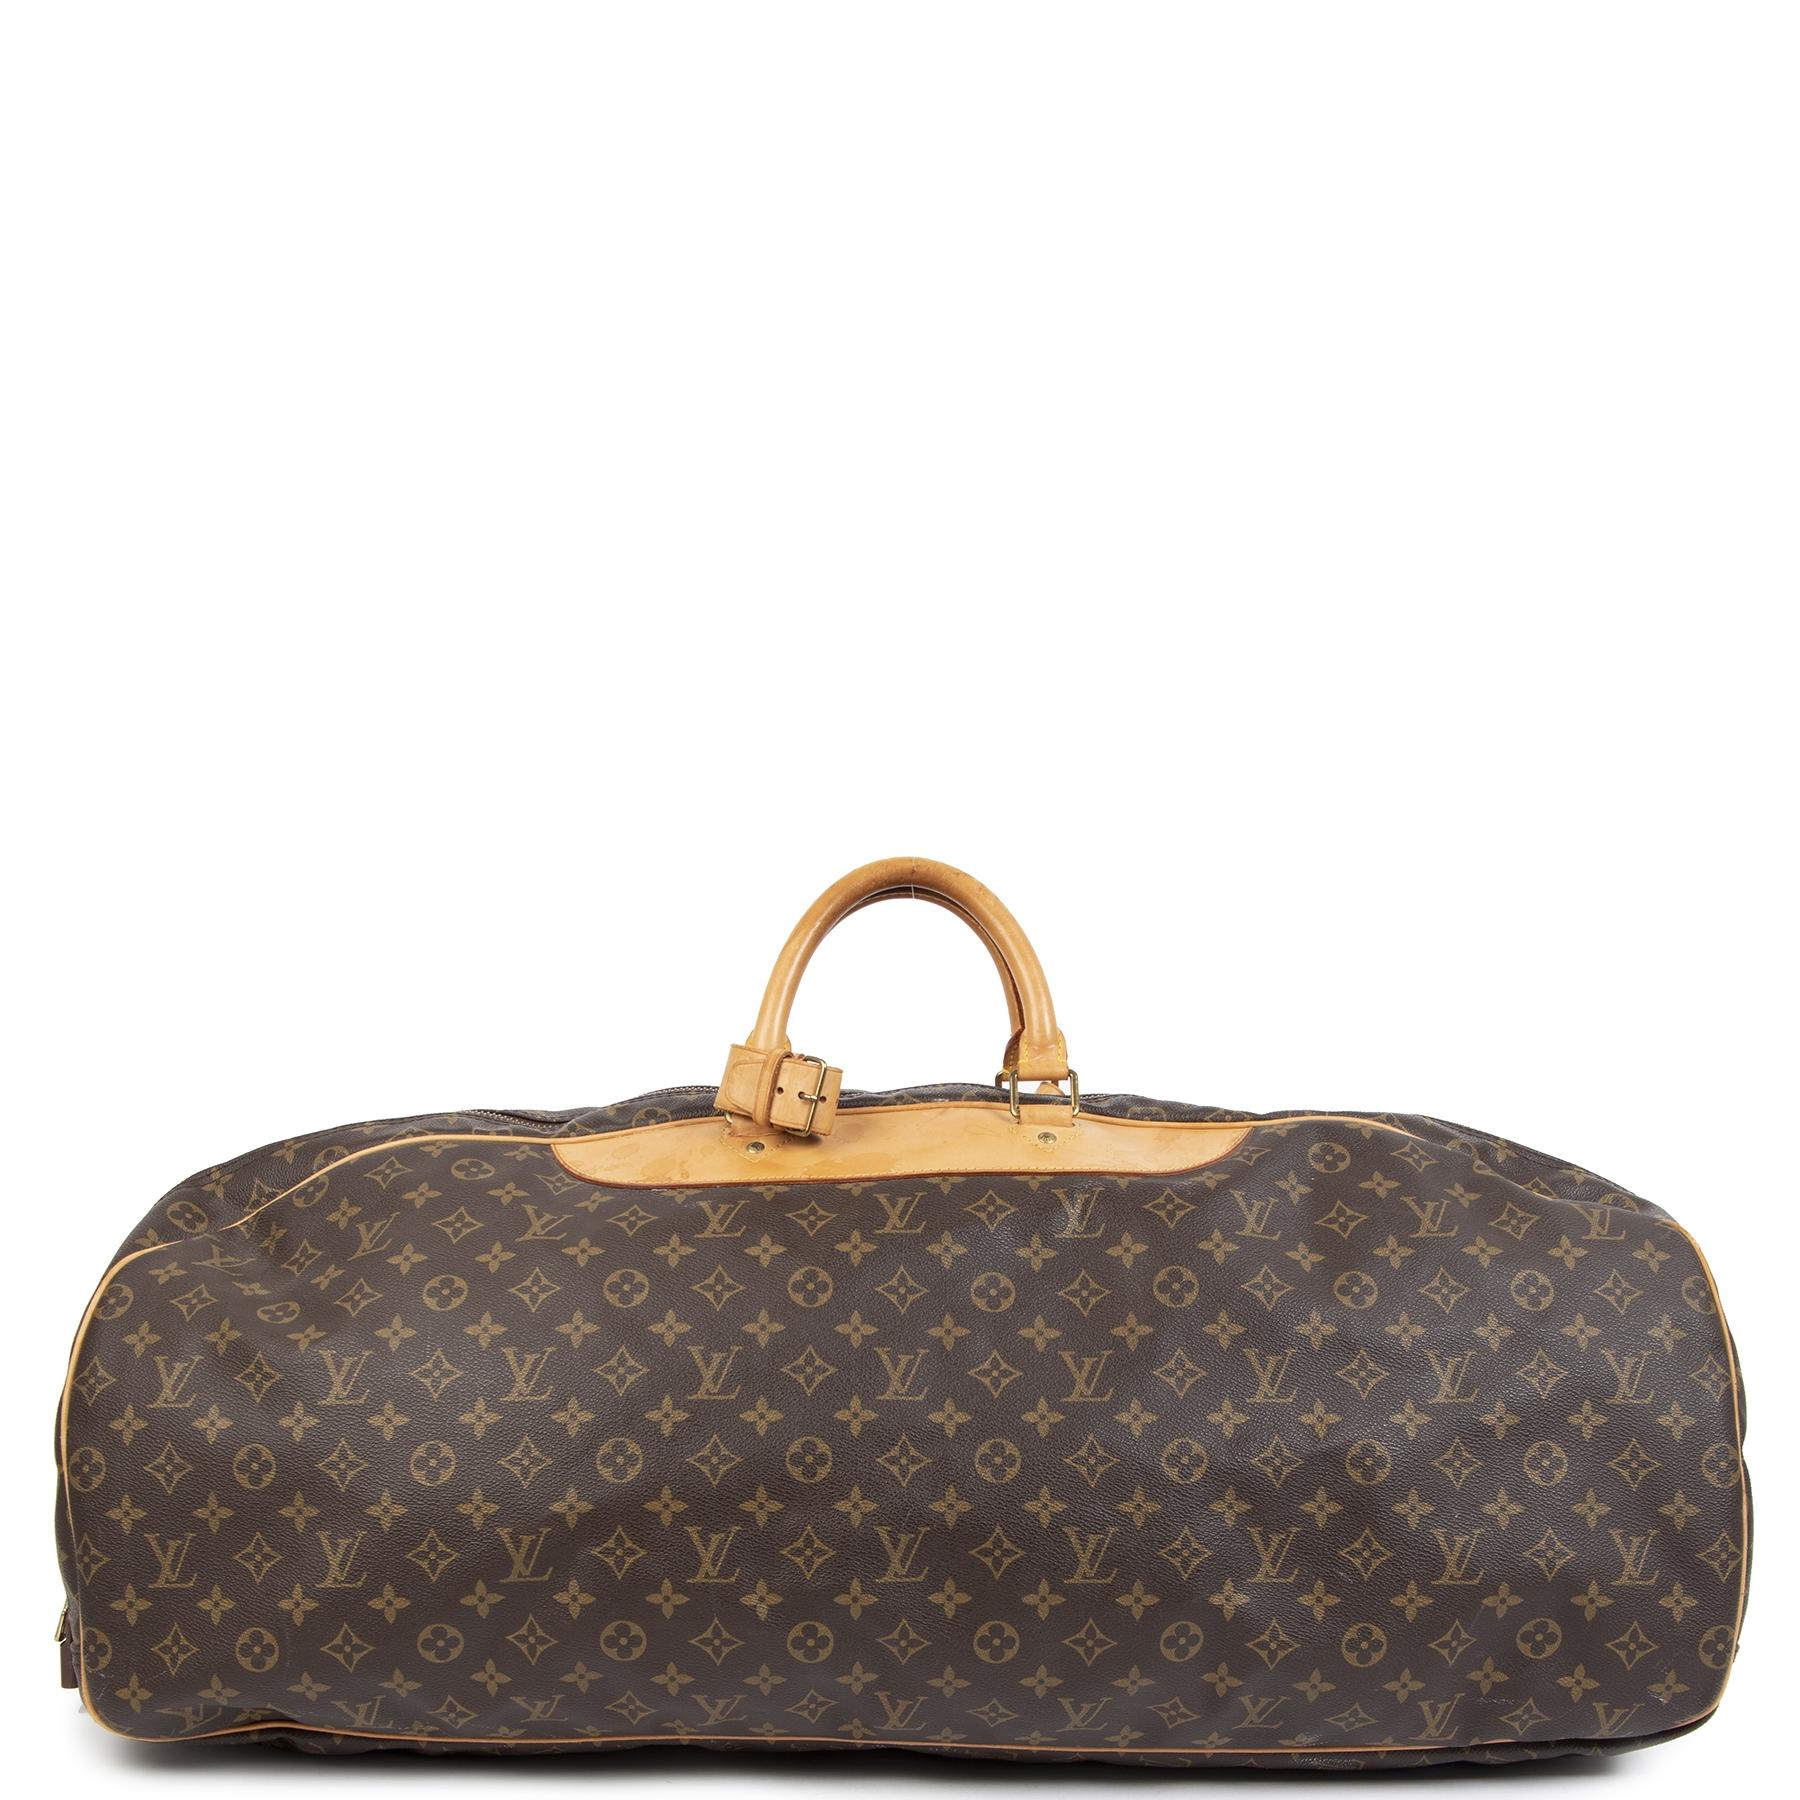 Authentiek tweedehands Louis Vuitton Monogram Sac Plein Air Long Sports Leather Travel Bag aan de juiste prijs veilig online shoppen LabelLOV Luxe merken winkelen LabelLOV Antwerpen België